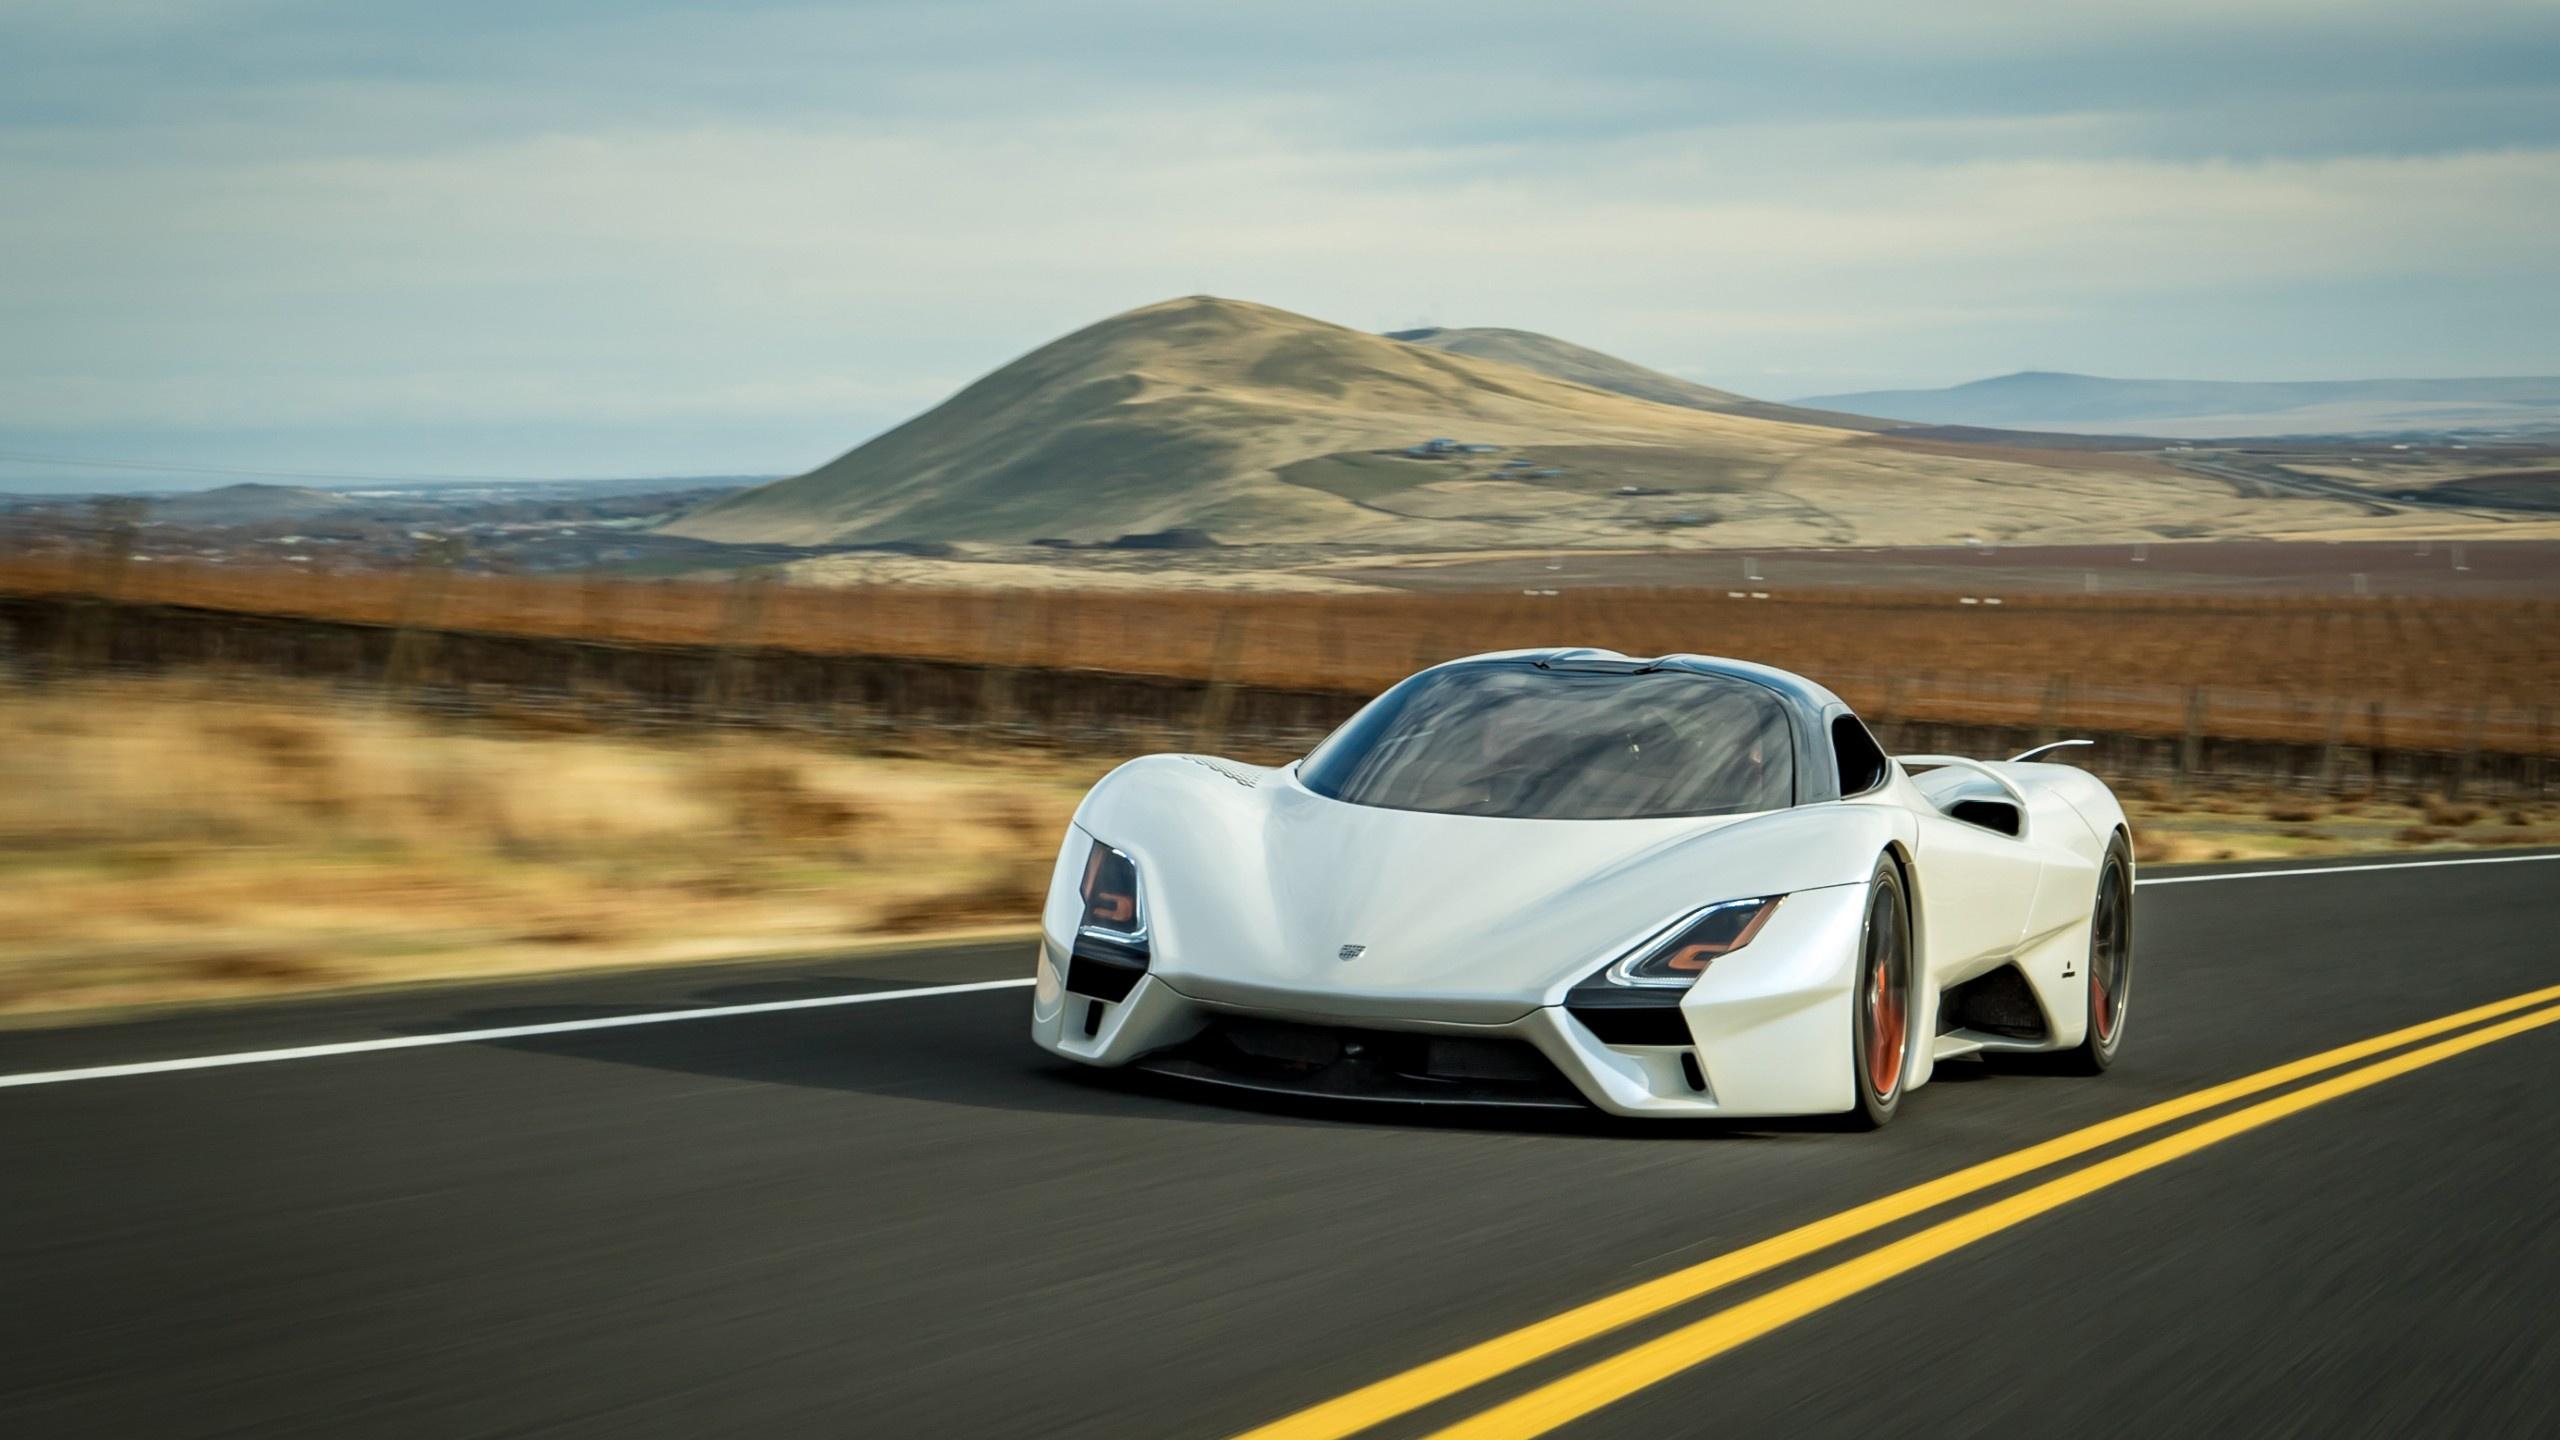 Car White Car Sport Car Supercar 2560x1440